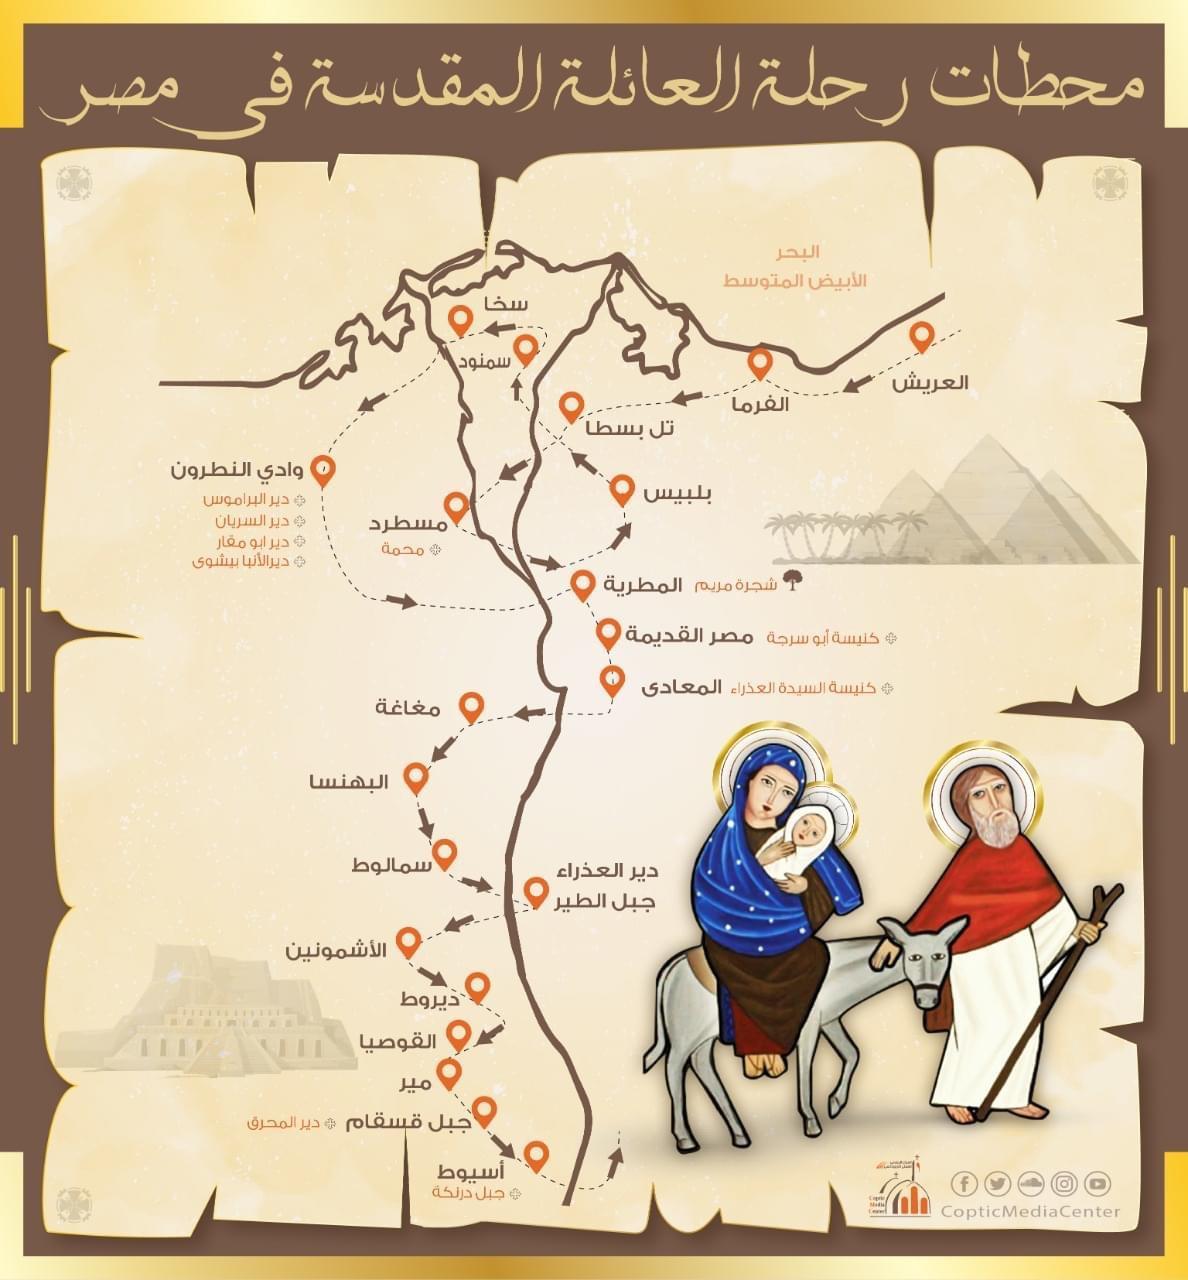 محطات رحلة العائلة المقدسة في ارض مصر